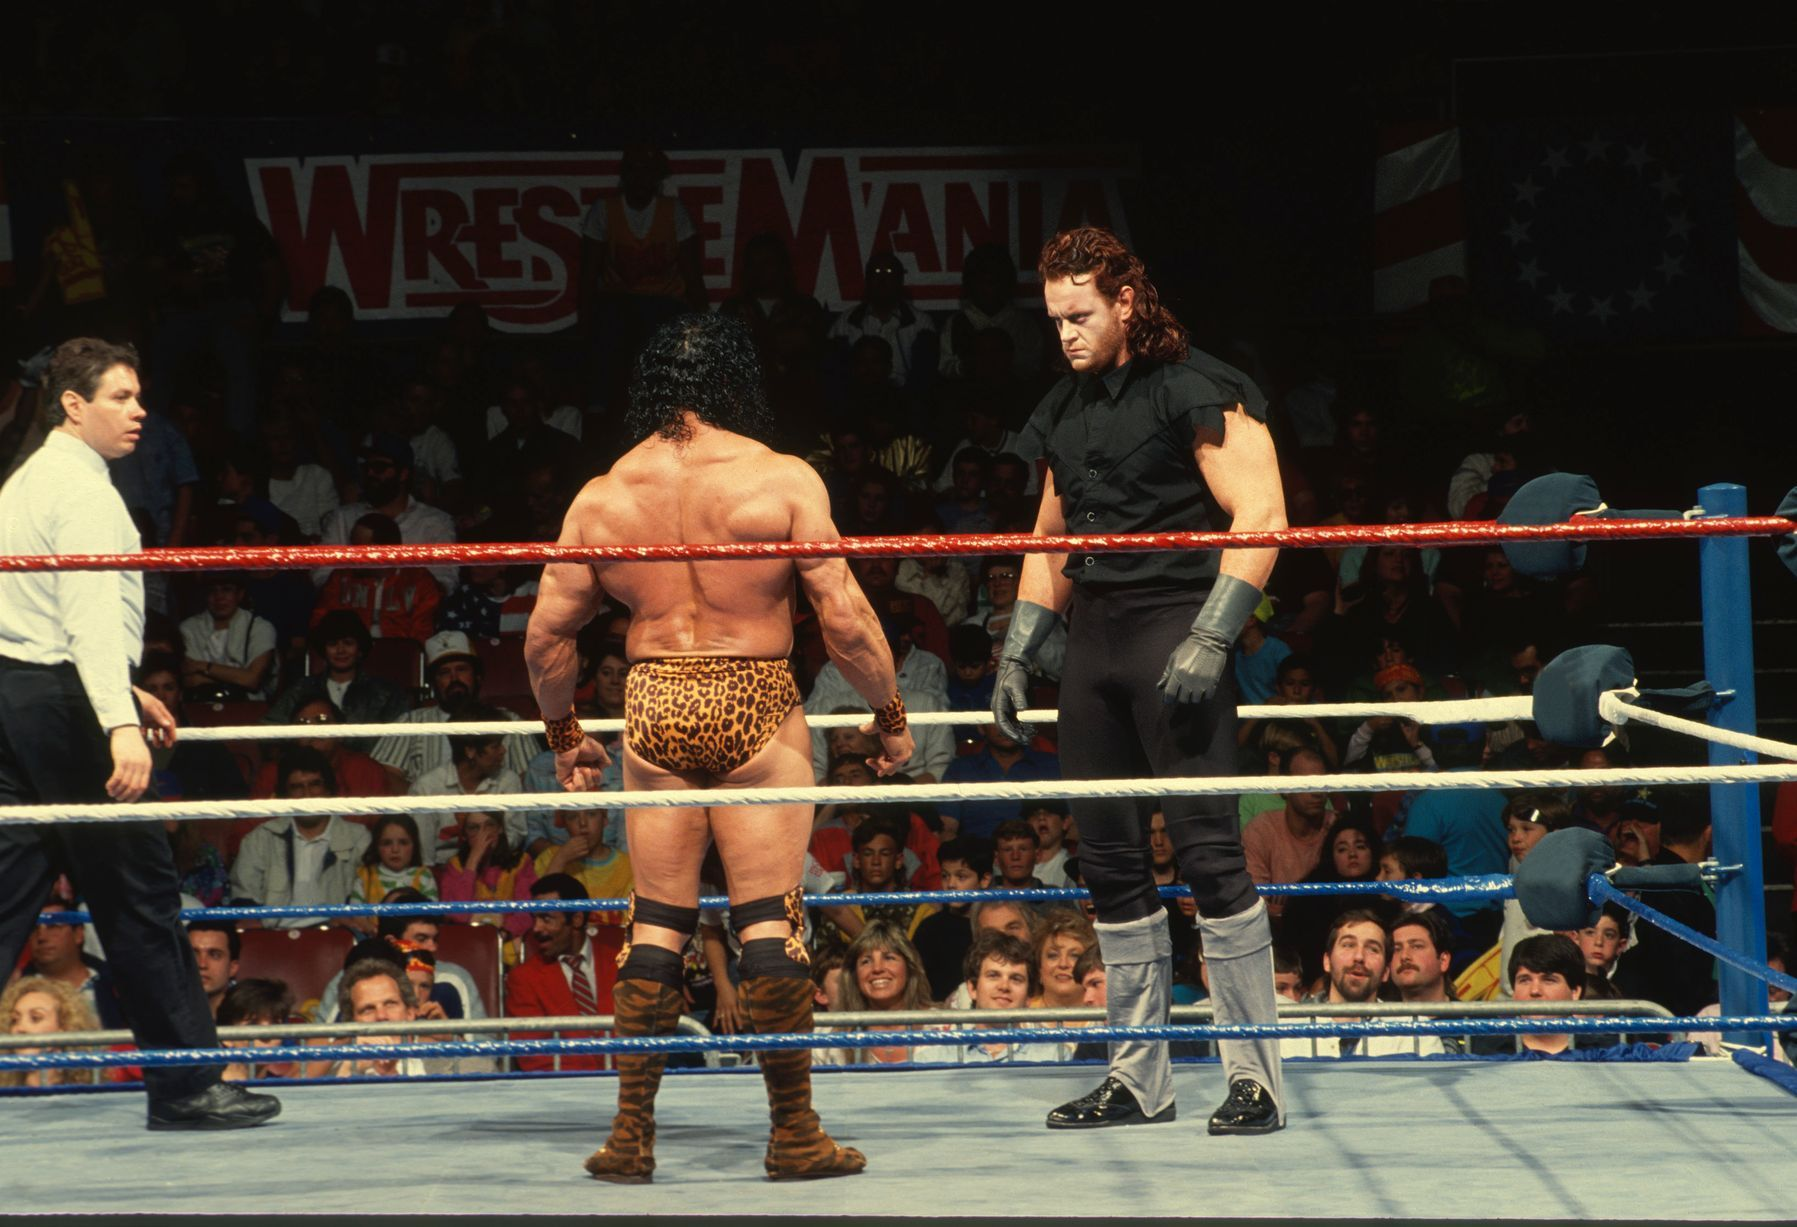 Pin by L.O.N.A on WWF | Undertaker, Wrestlemania, Wwf